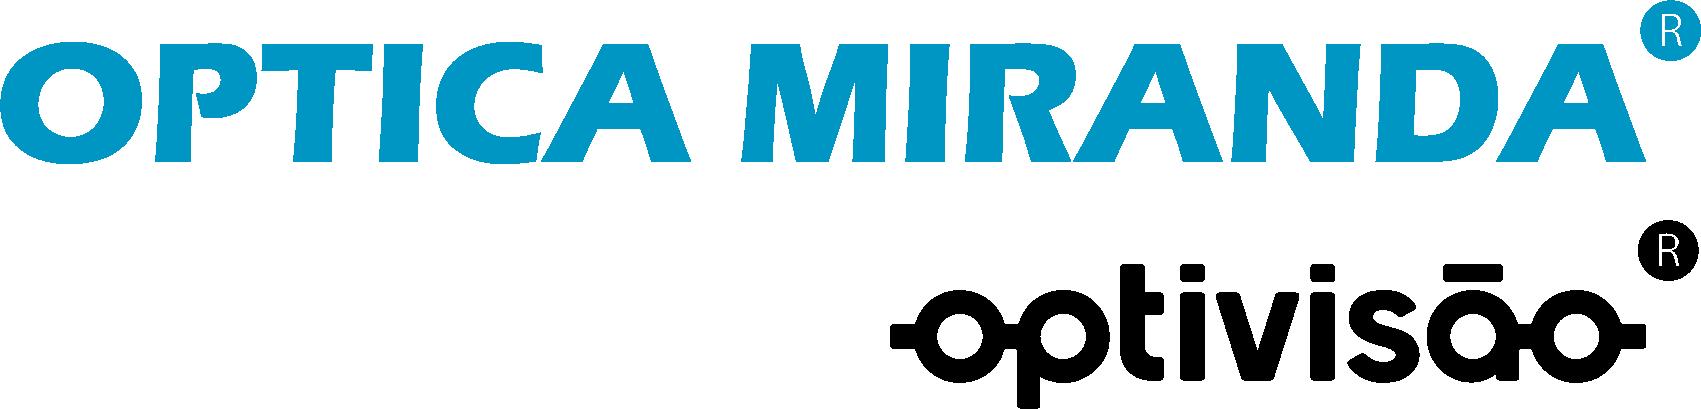 logotipo_site (1)